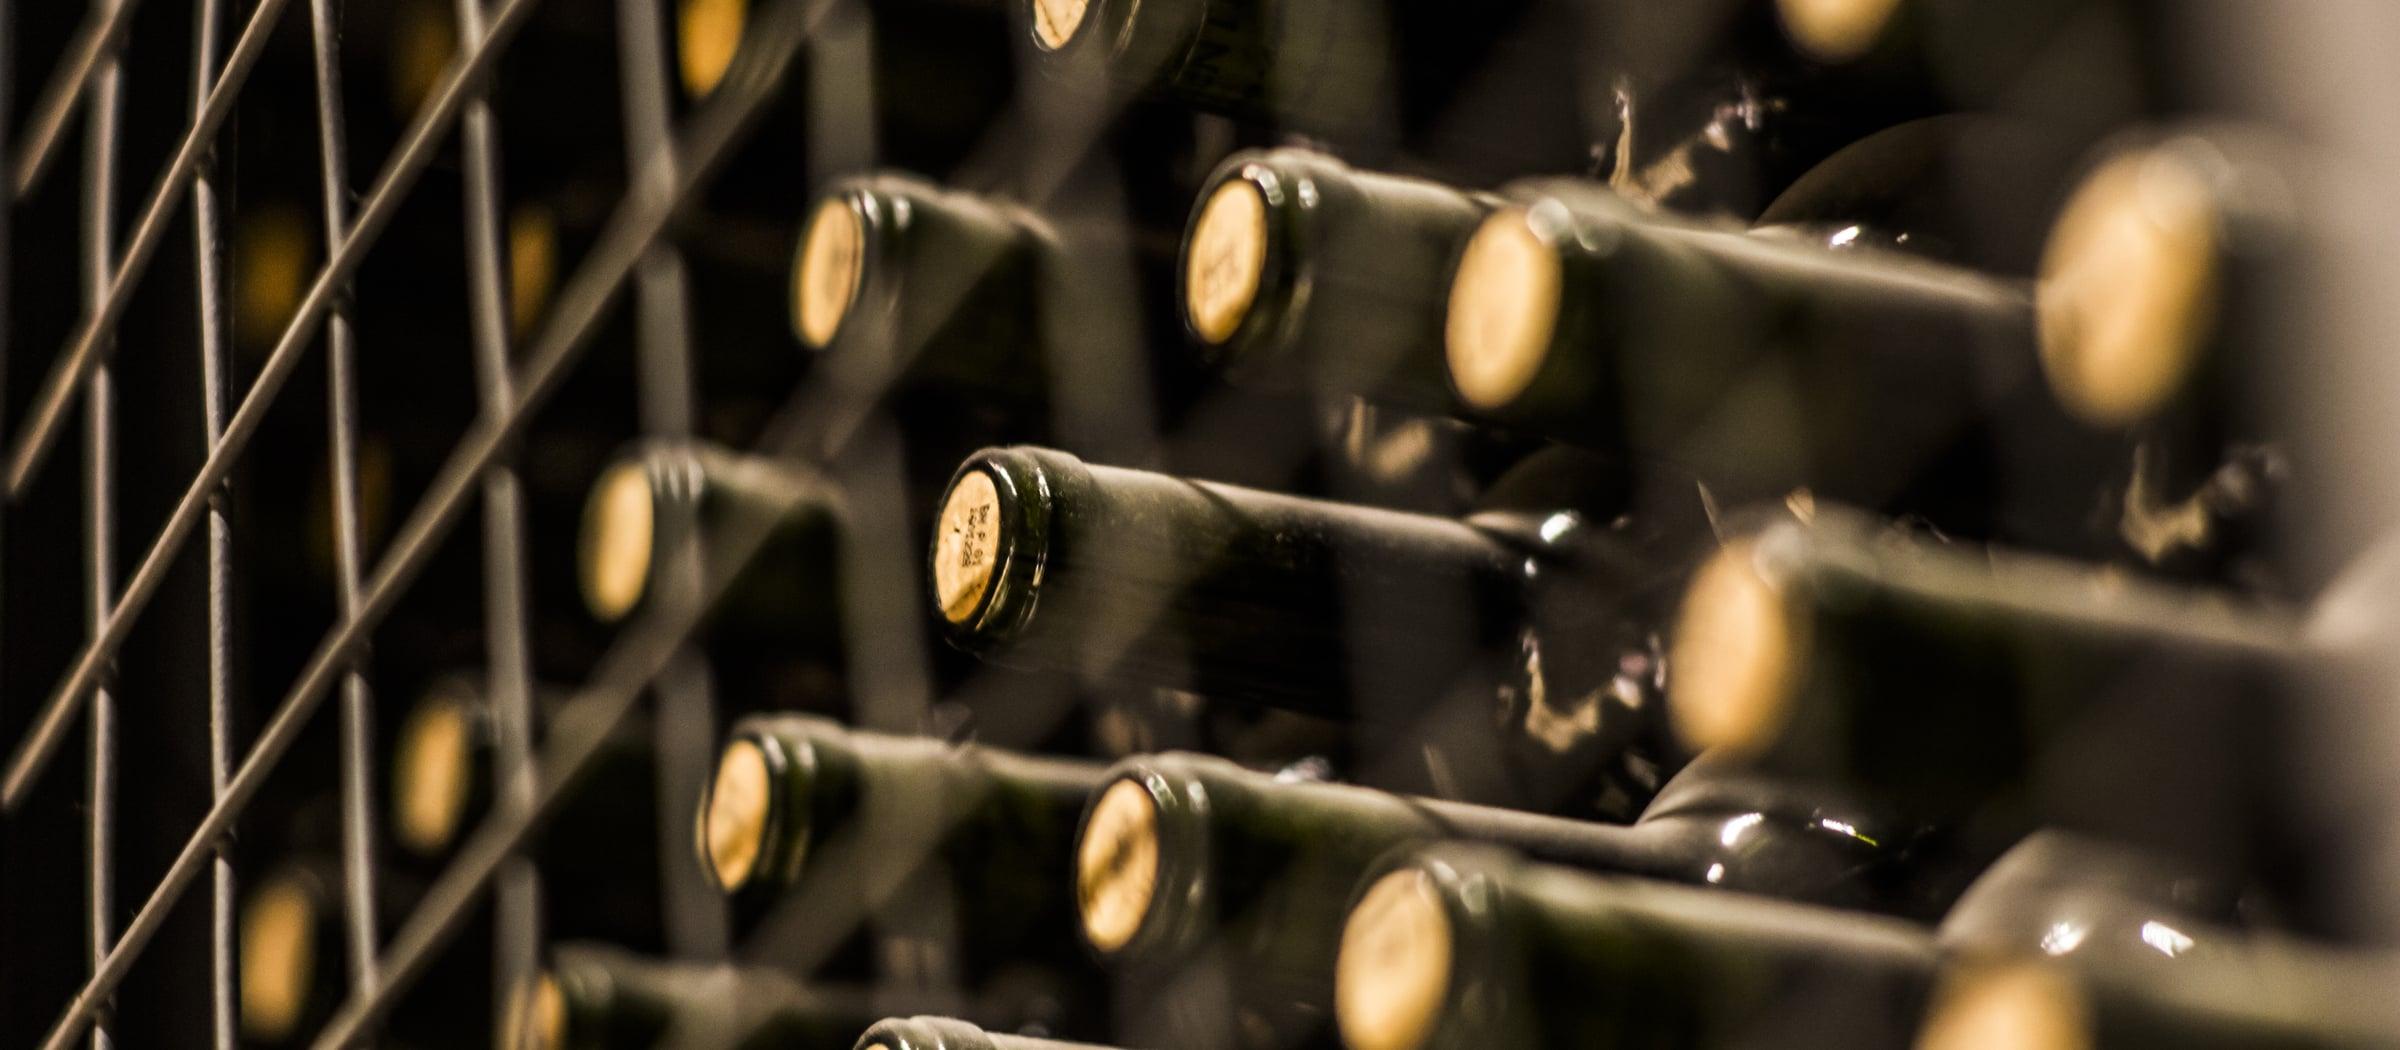 Wein Flaschen Pistor Sortiment